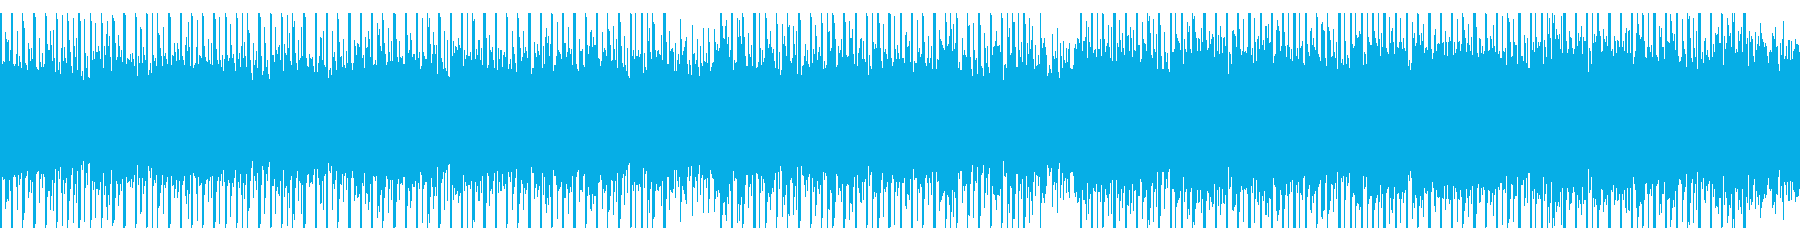 志望(ループ)の再生済みの波形